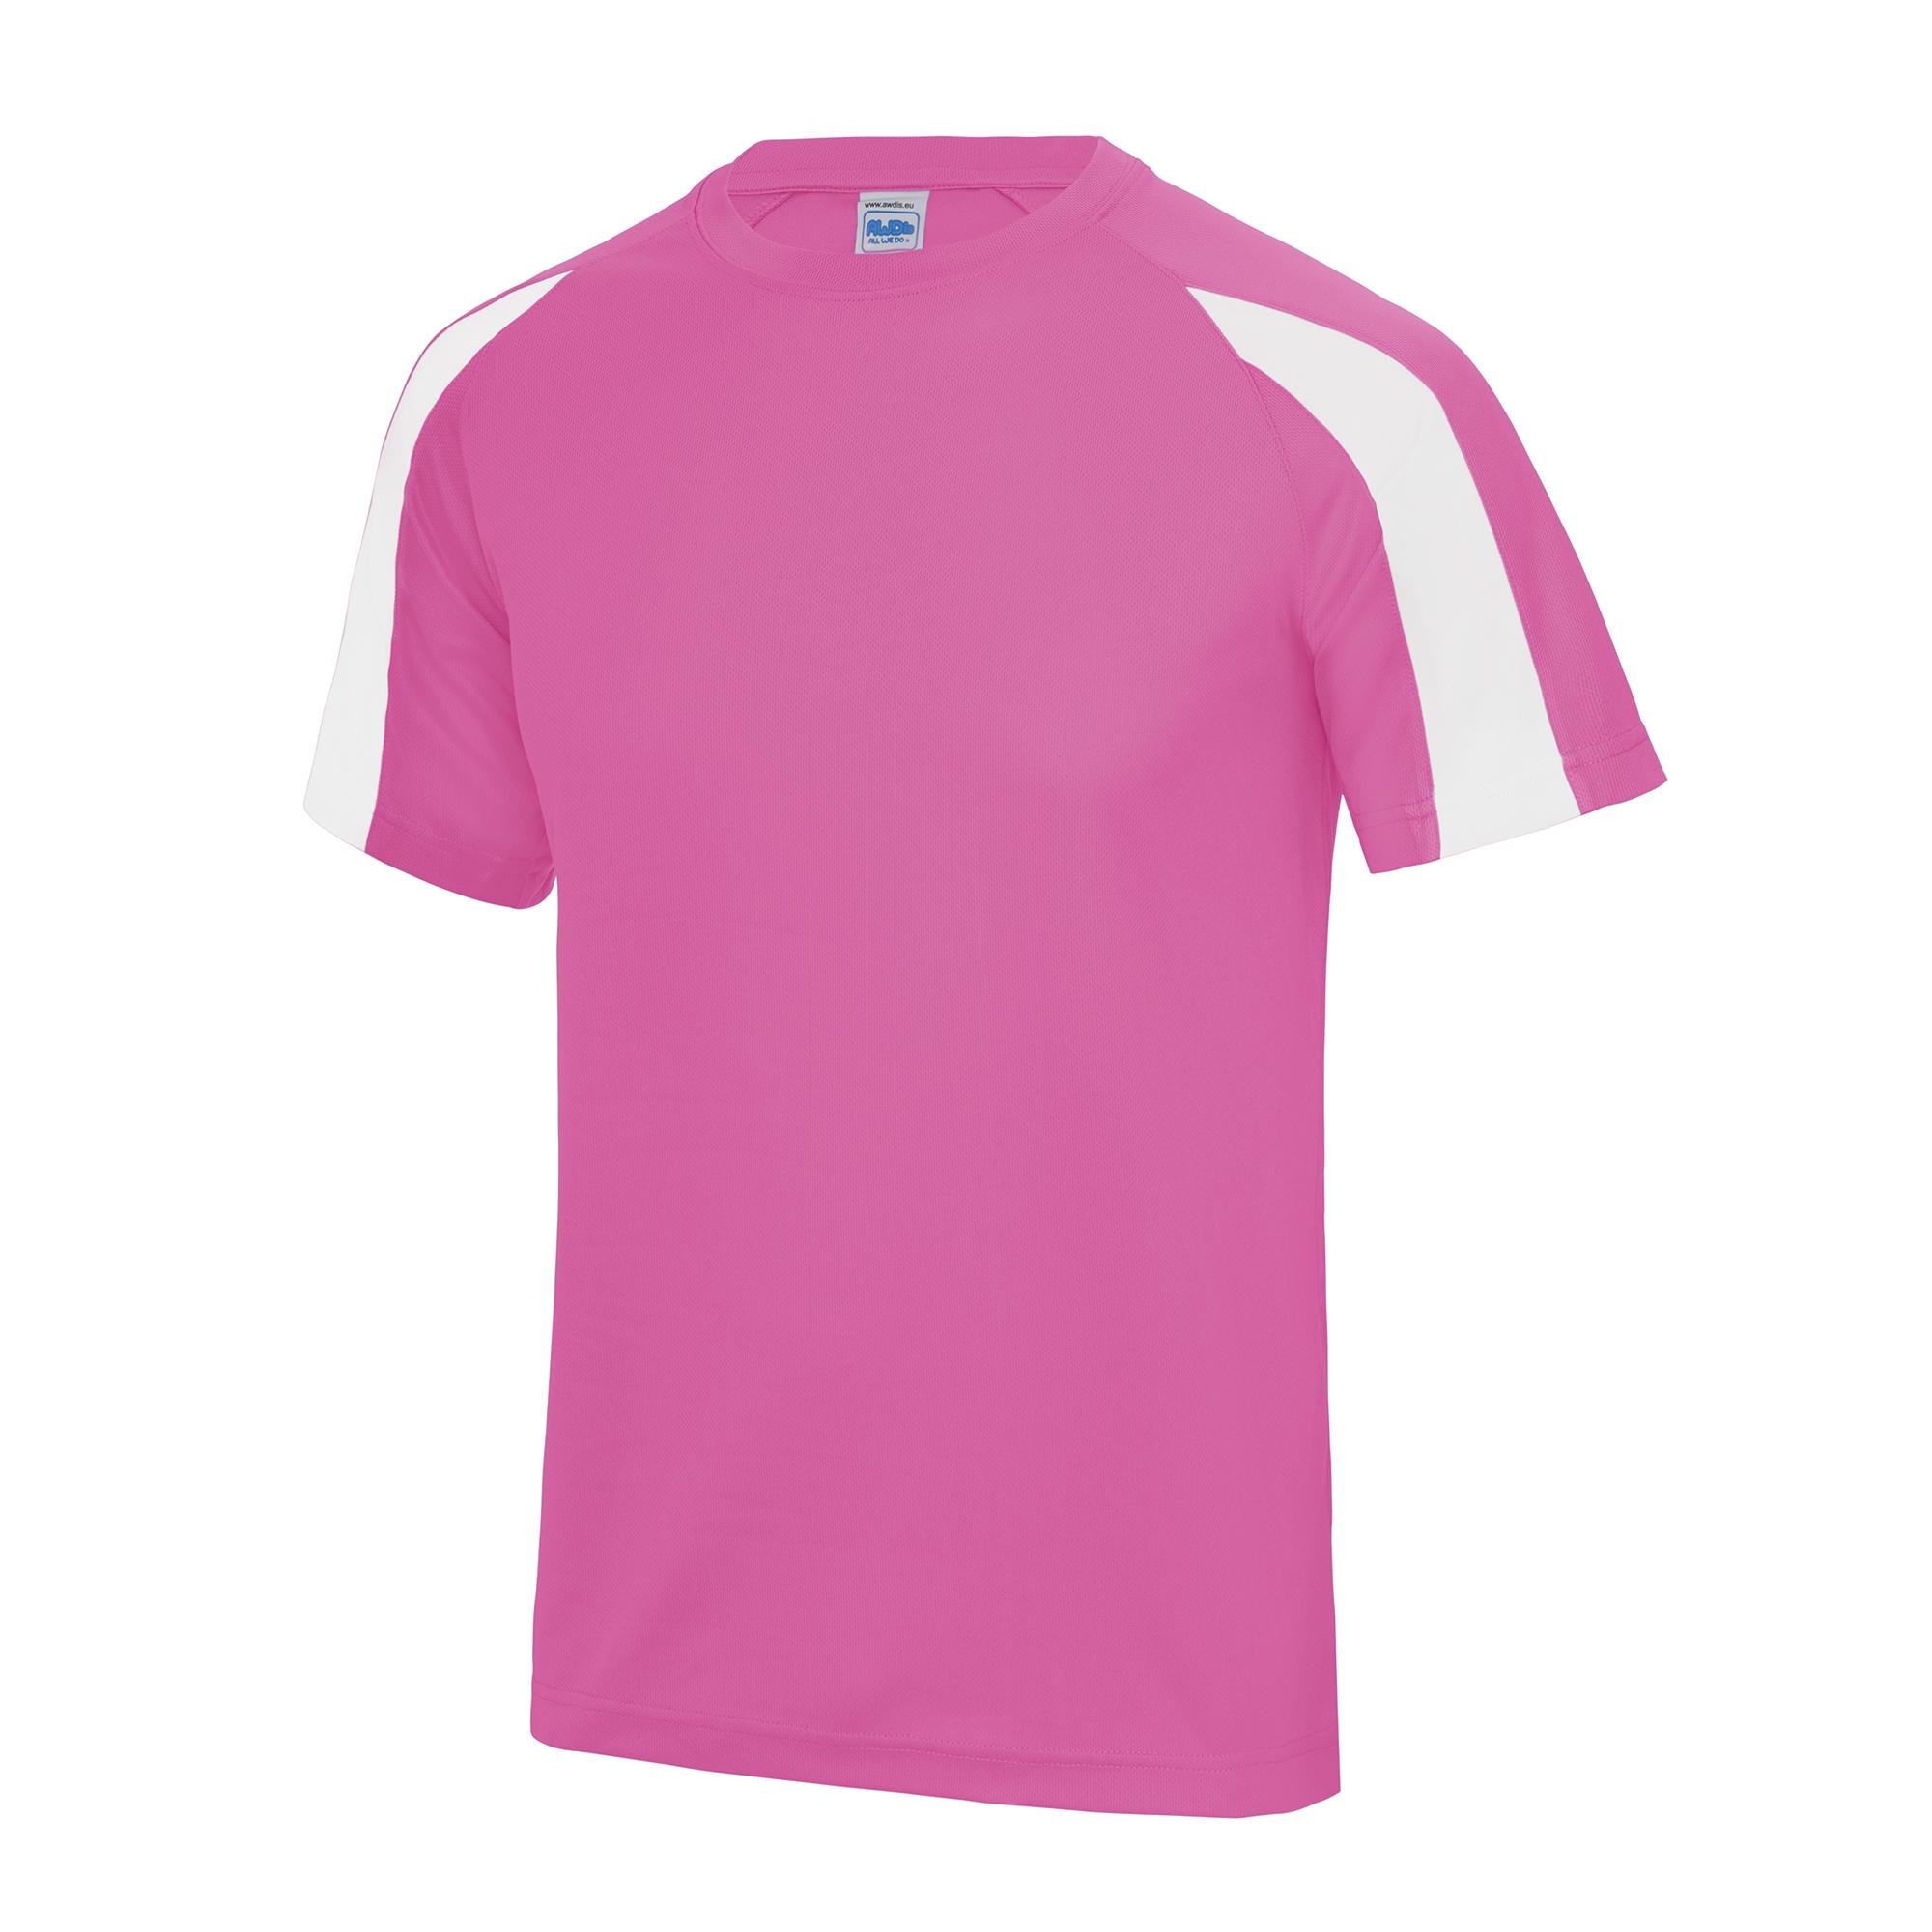 T-shirt-sport-Just-Cool-enfant-unisexe-fille-et-garcon-RW690